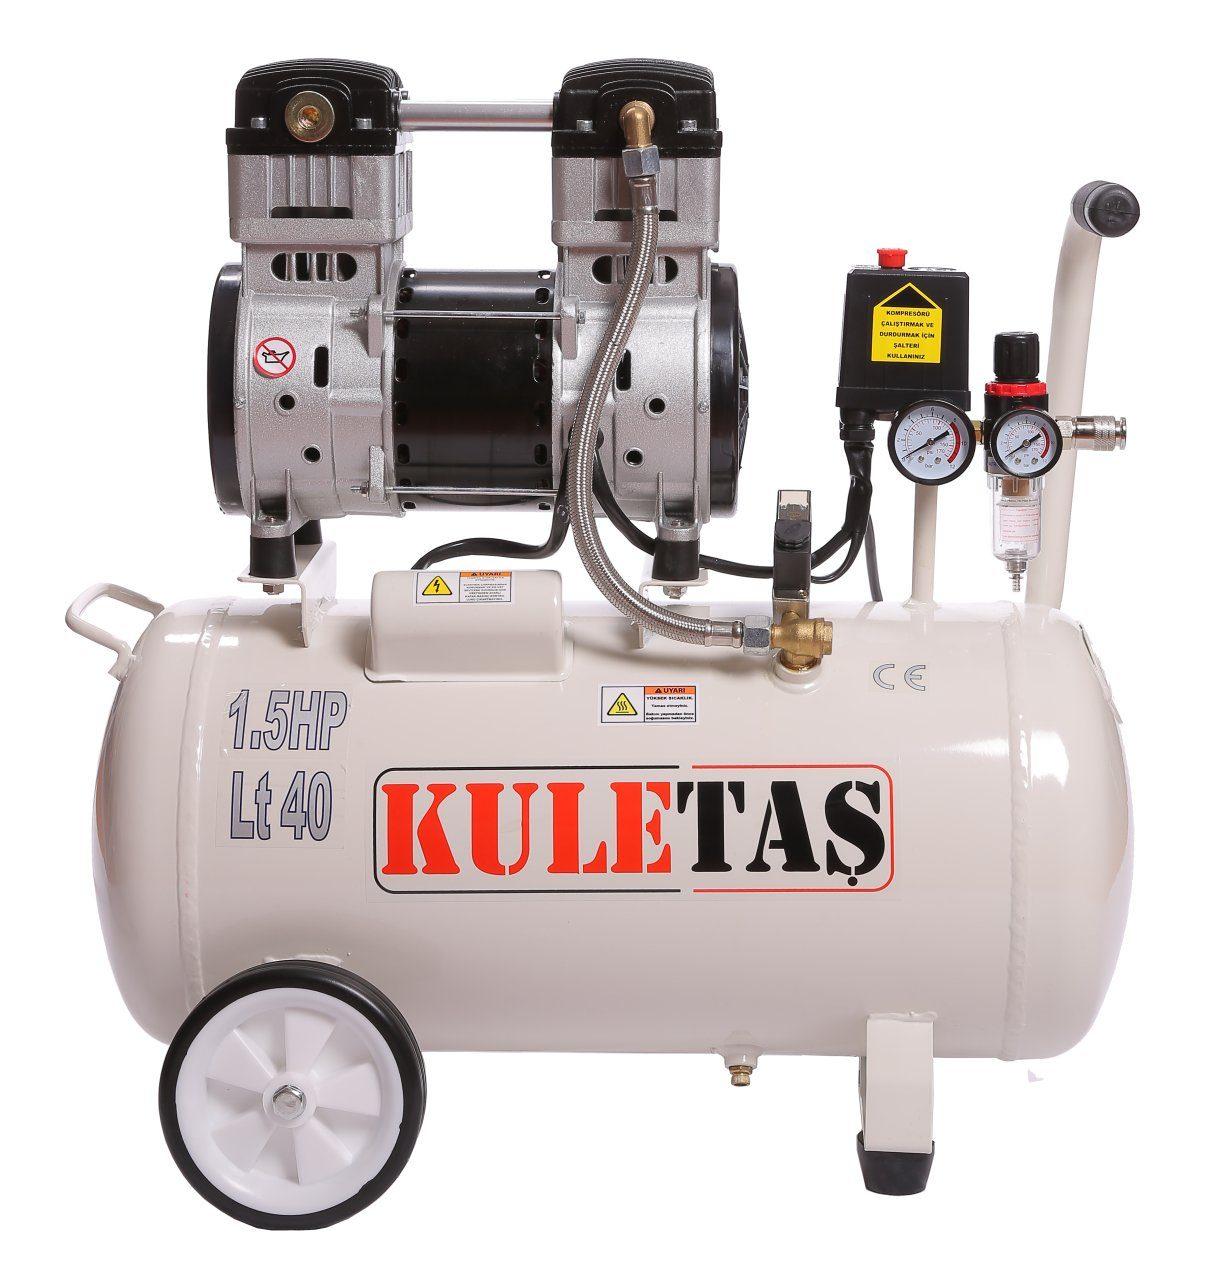 kuletas-sessiz-kompresor-40-litre-img-0186